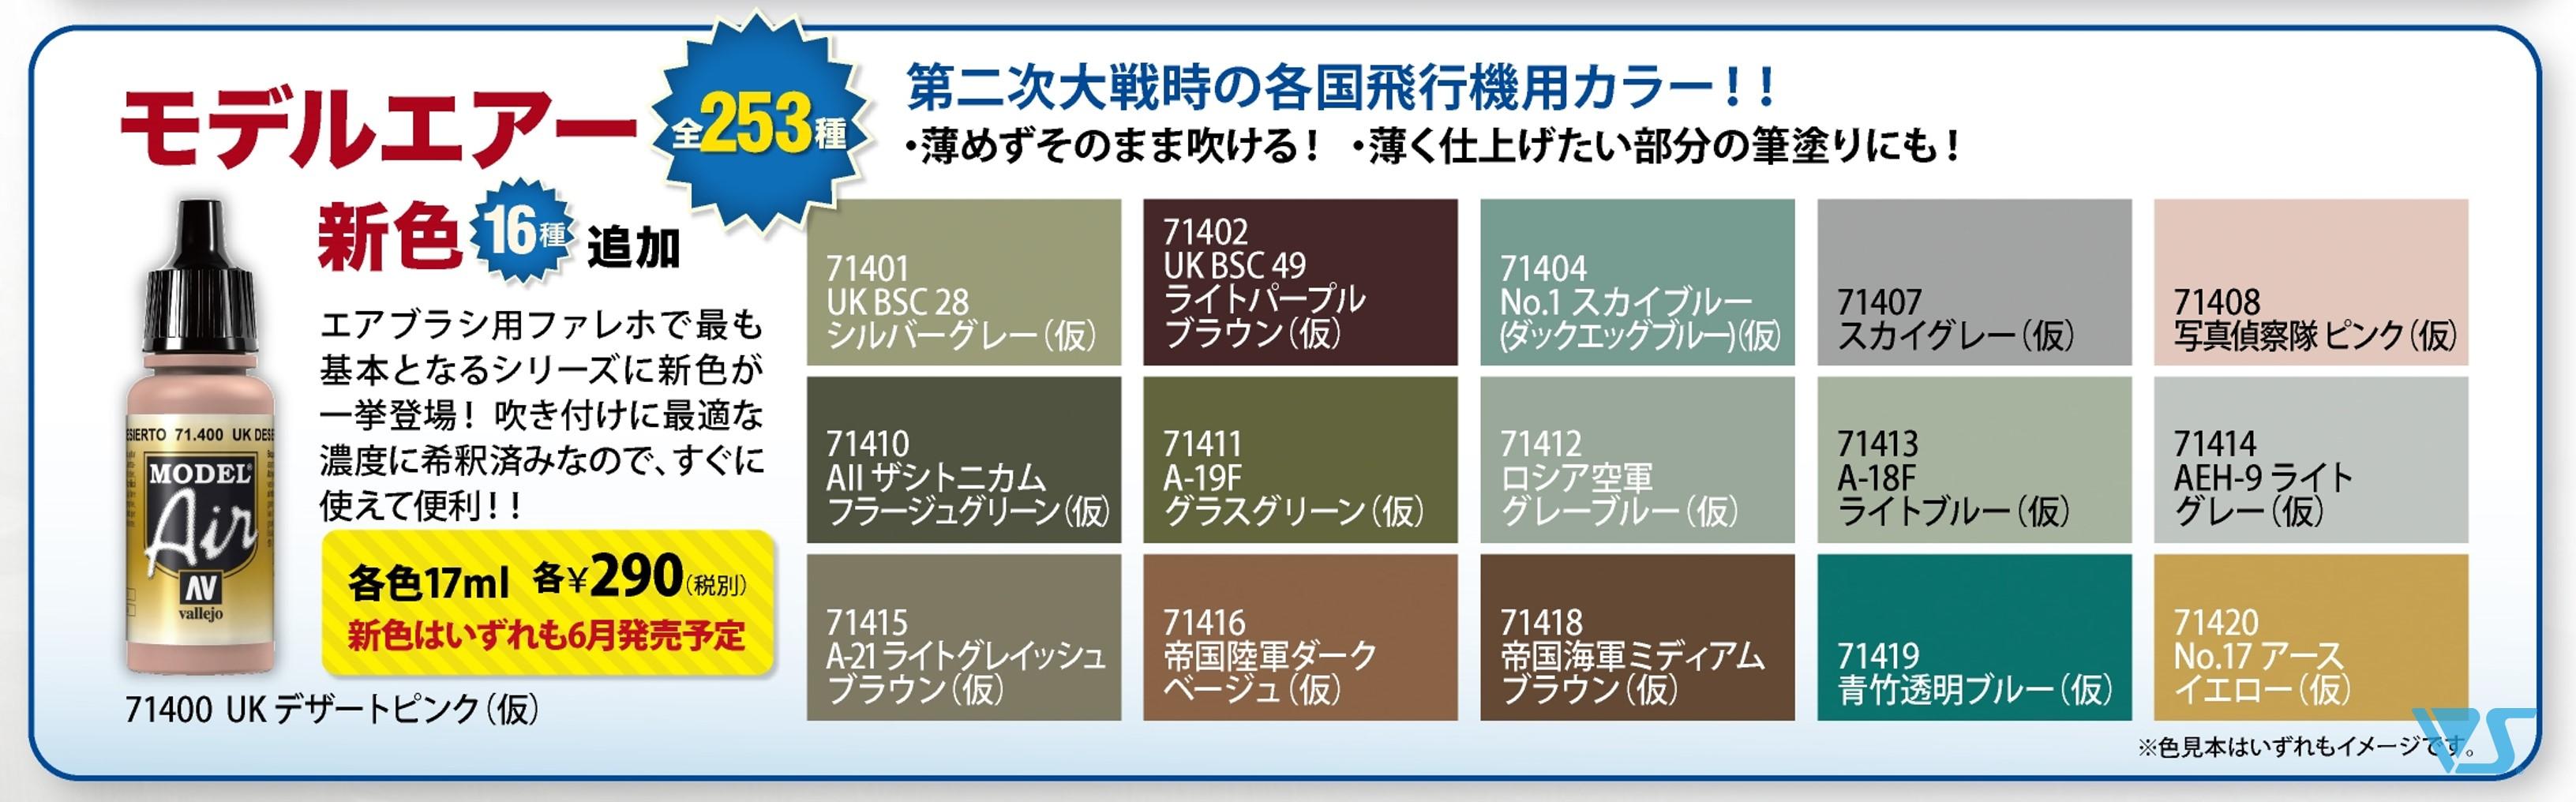 nis_0526_18.jpg